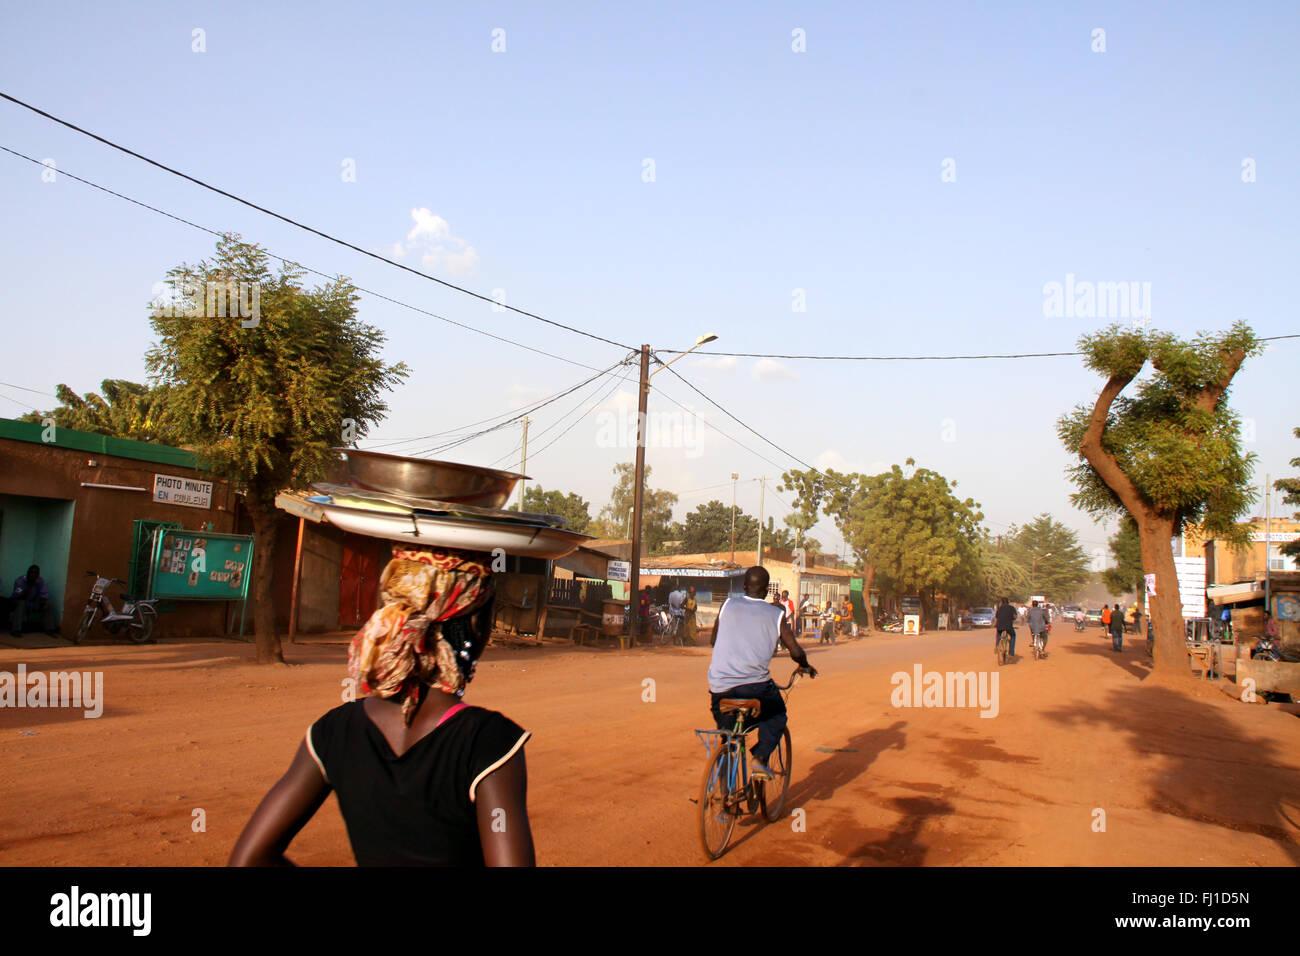 Typische Straßen in Ouagadougou, der Hauptstadt von Burkina Faso Stockbild